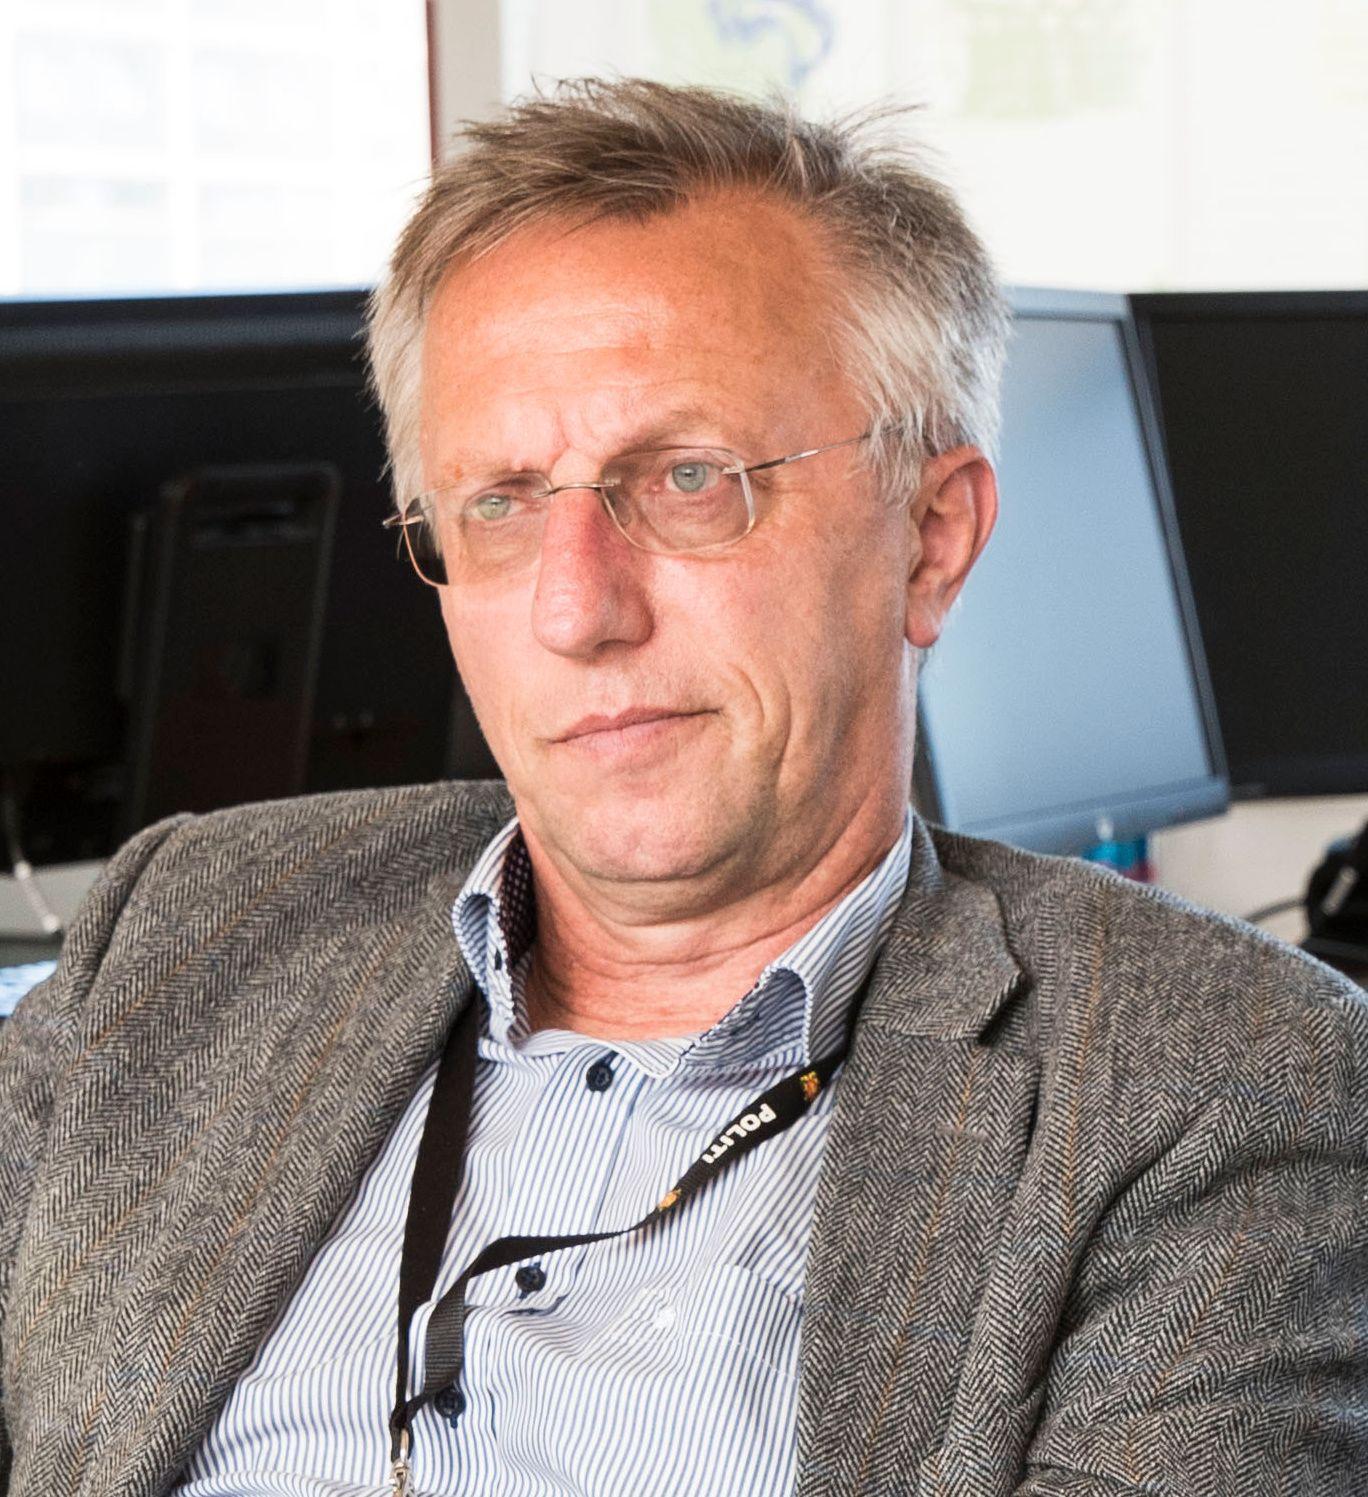 PÅGREP TOLK: Politiadvokat Ragnvald Brekke i Oslo politidistrikt bekrefter at en ny person er siktet som følge av etterforskningen av den tidligere advokaten Amir Mirmotahari.